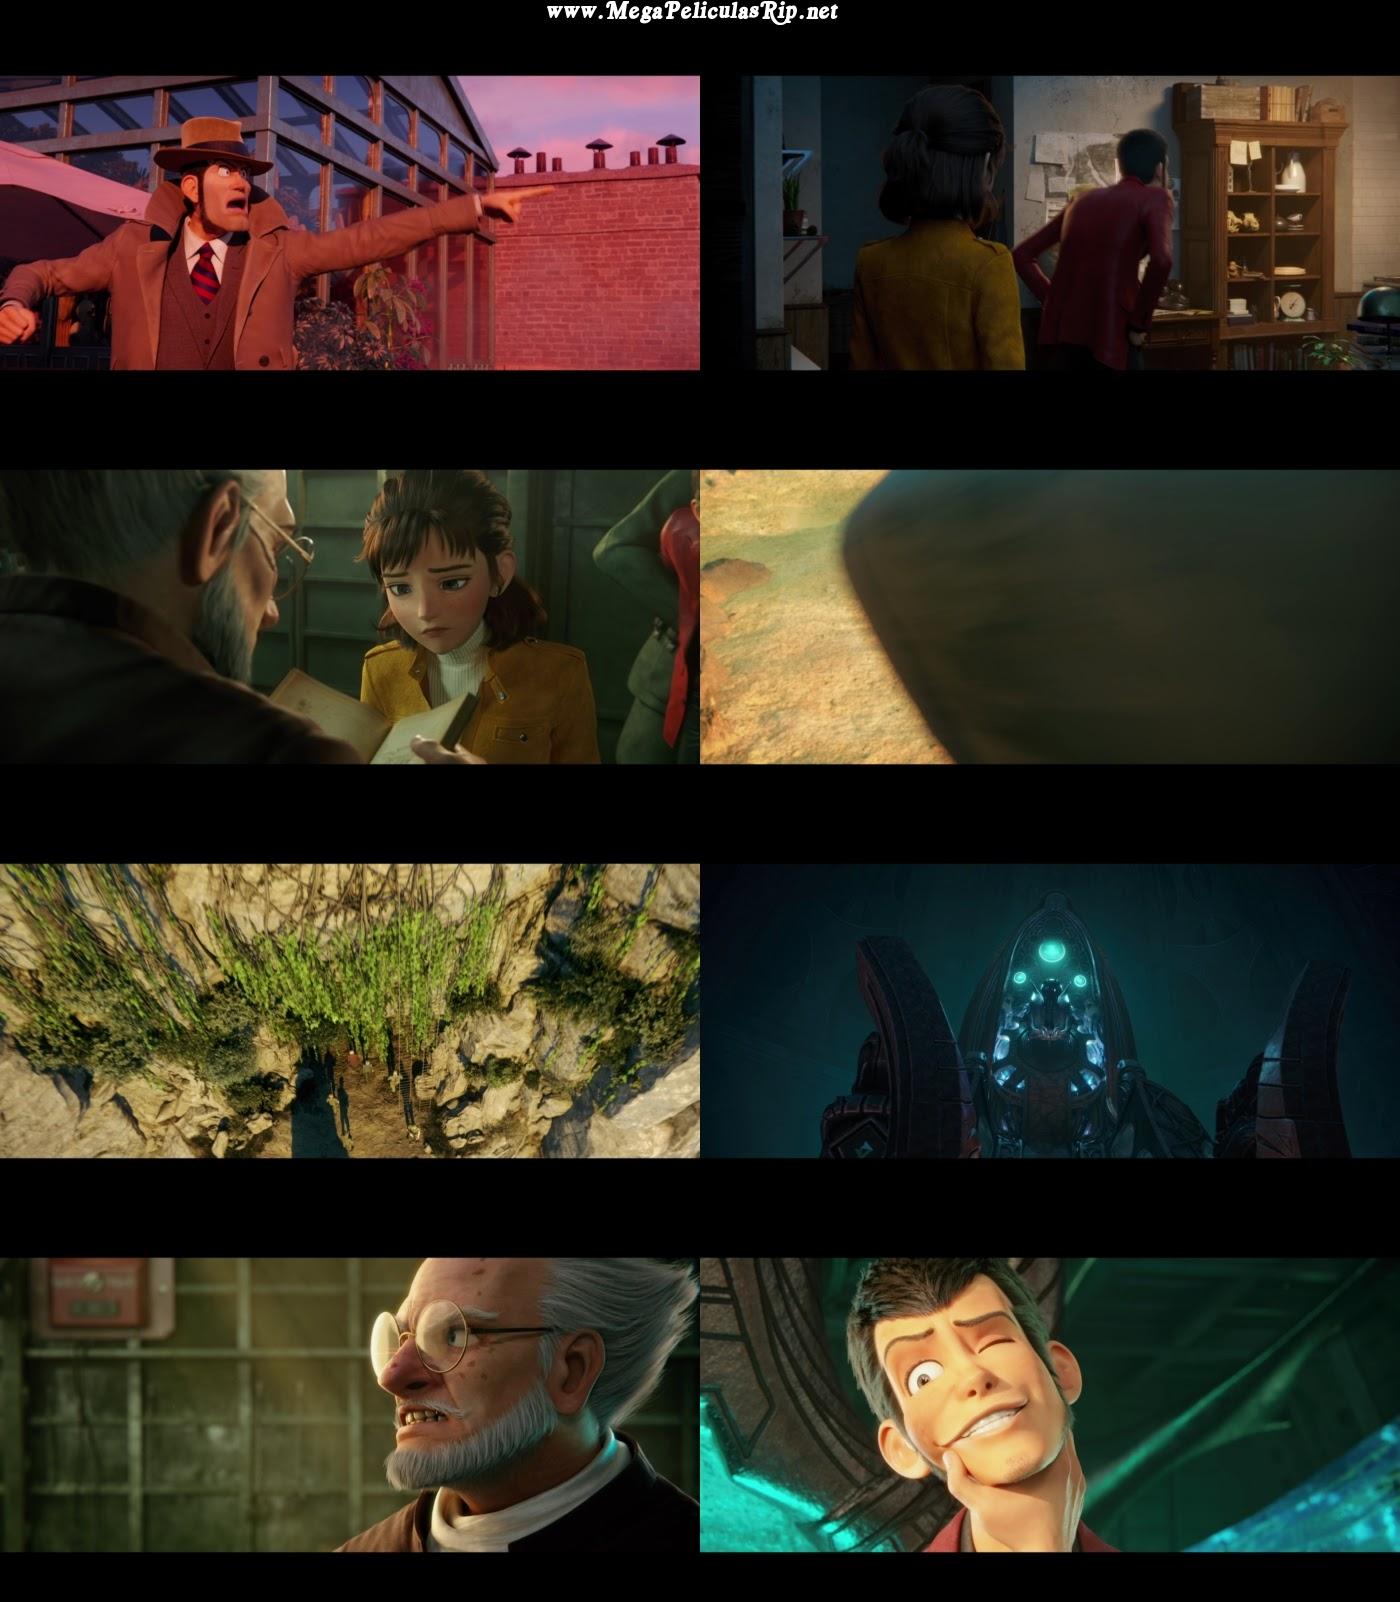 Lupin III The First 1080p Latino